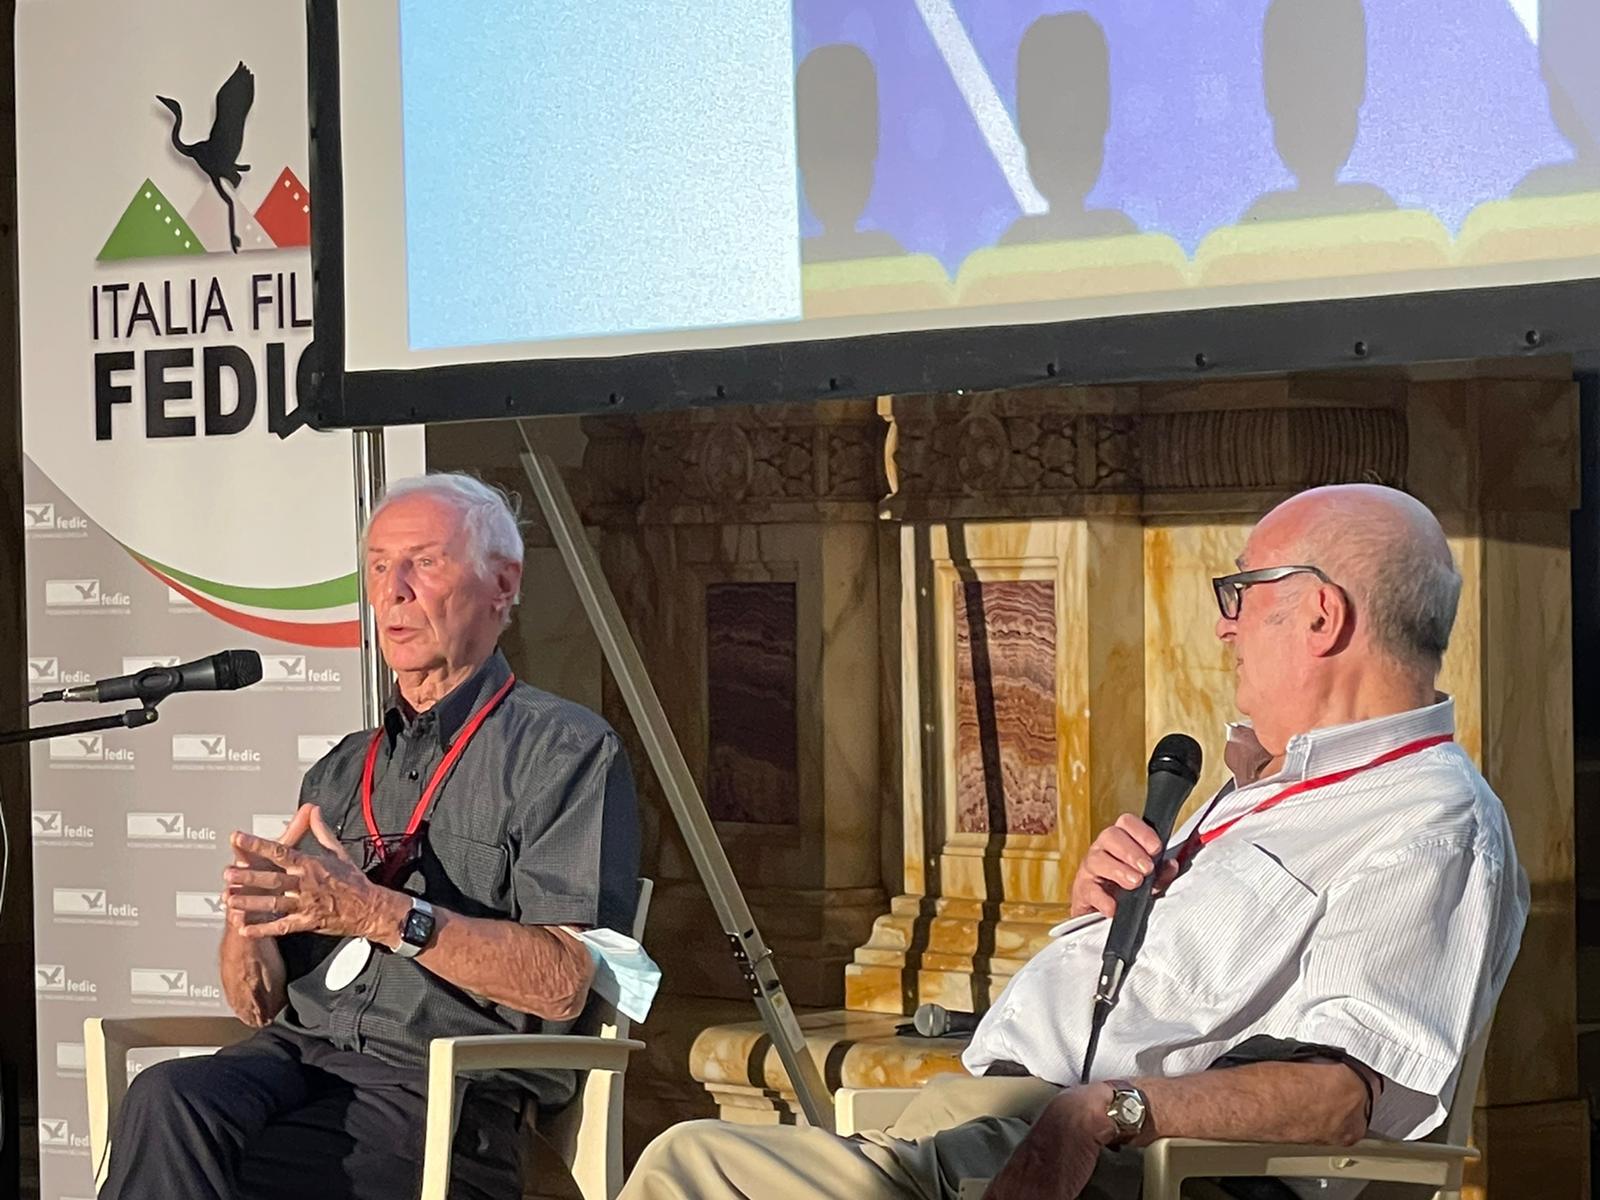 """71° Italia Film Fedic, Bruno Bozzetto: """"Il Signor Rossi? La caricatura del direttore artistico di un festival cinematografico"""""""